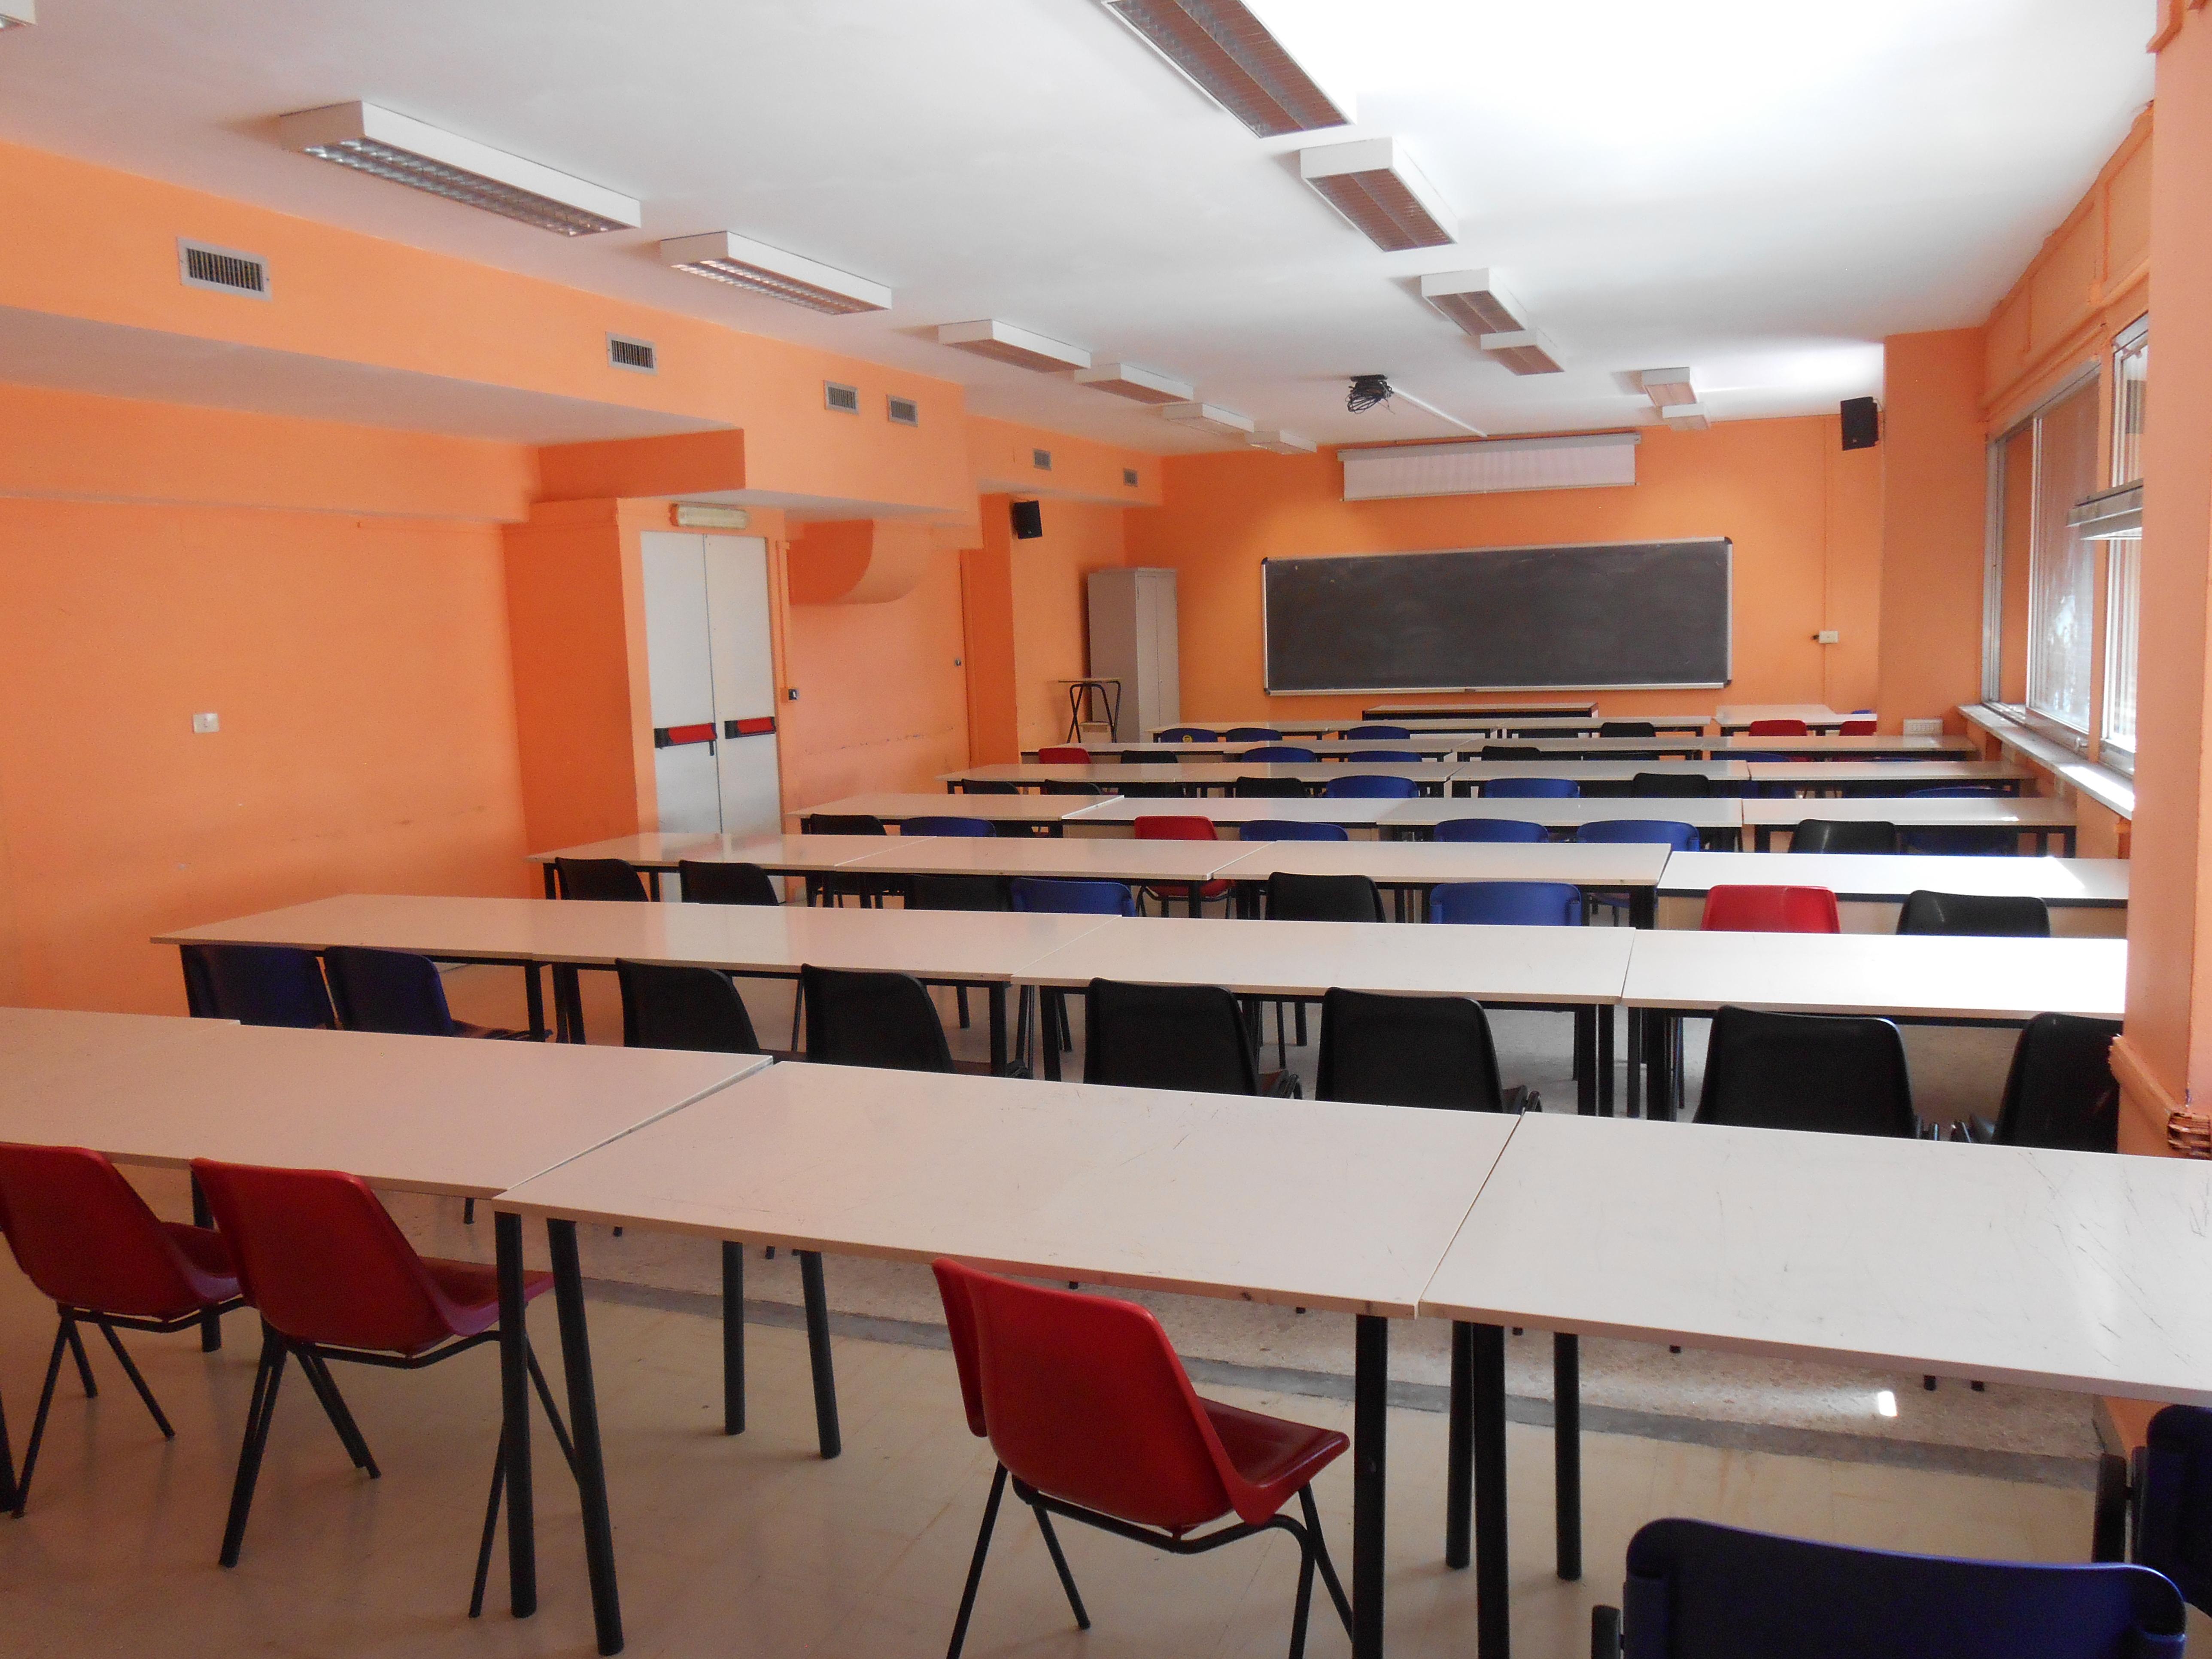 Ufficio Tirocini Architettura Sapienza : Architettura progettazione posti limitati luglio clasf